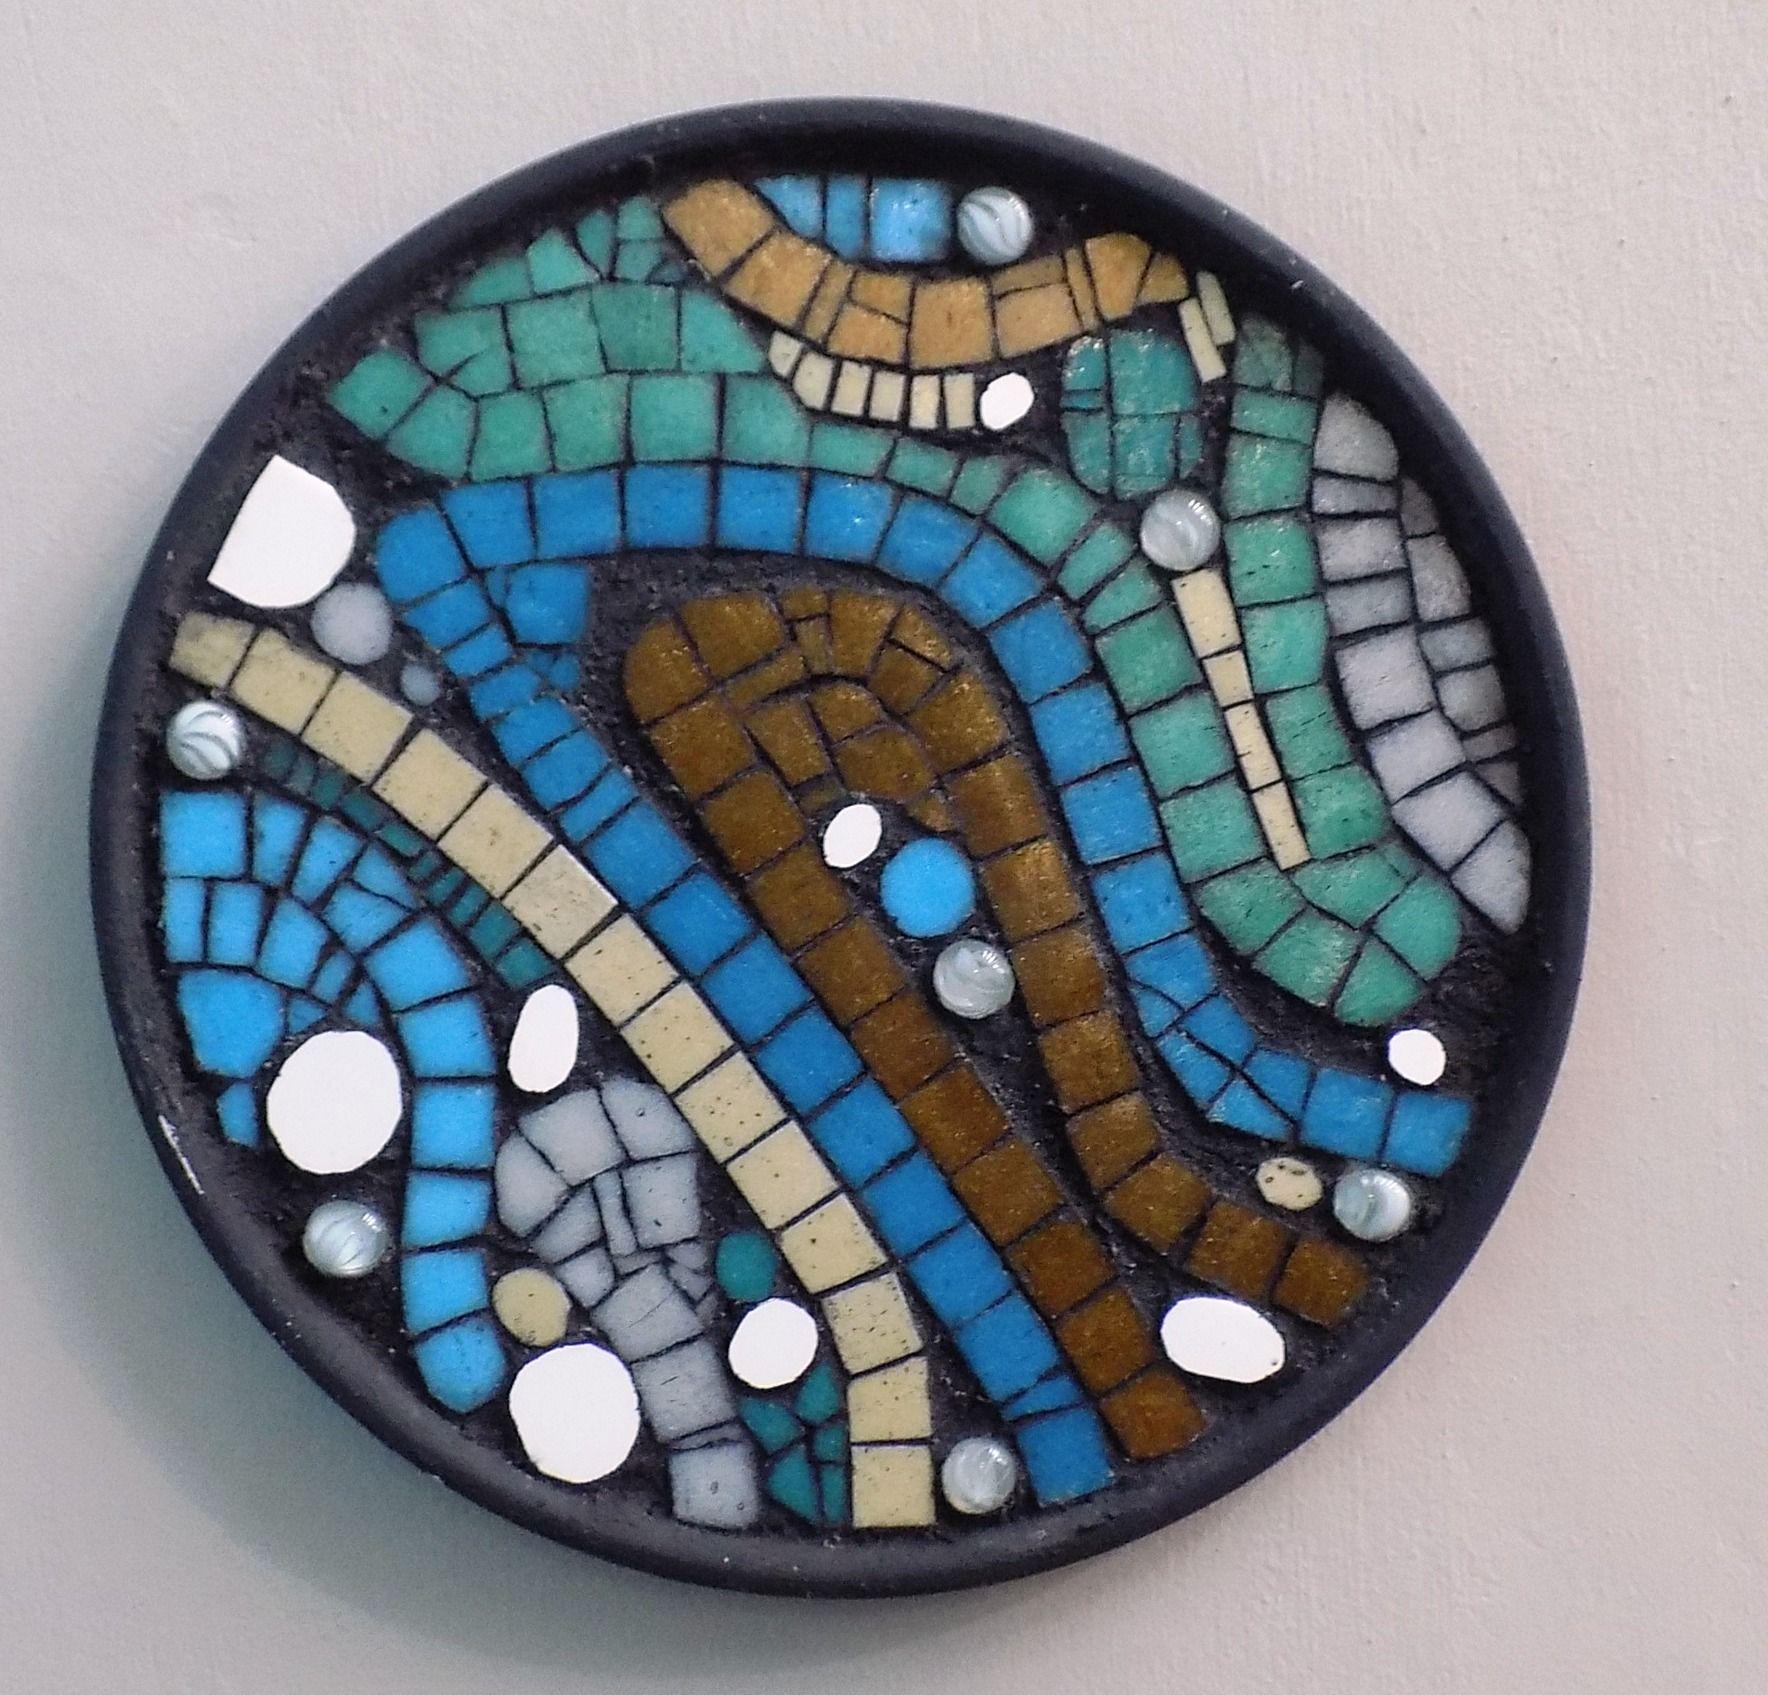 Cuadritos mosaico para exterior con marcos de aluminio ...